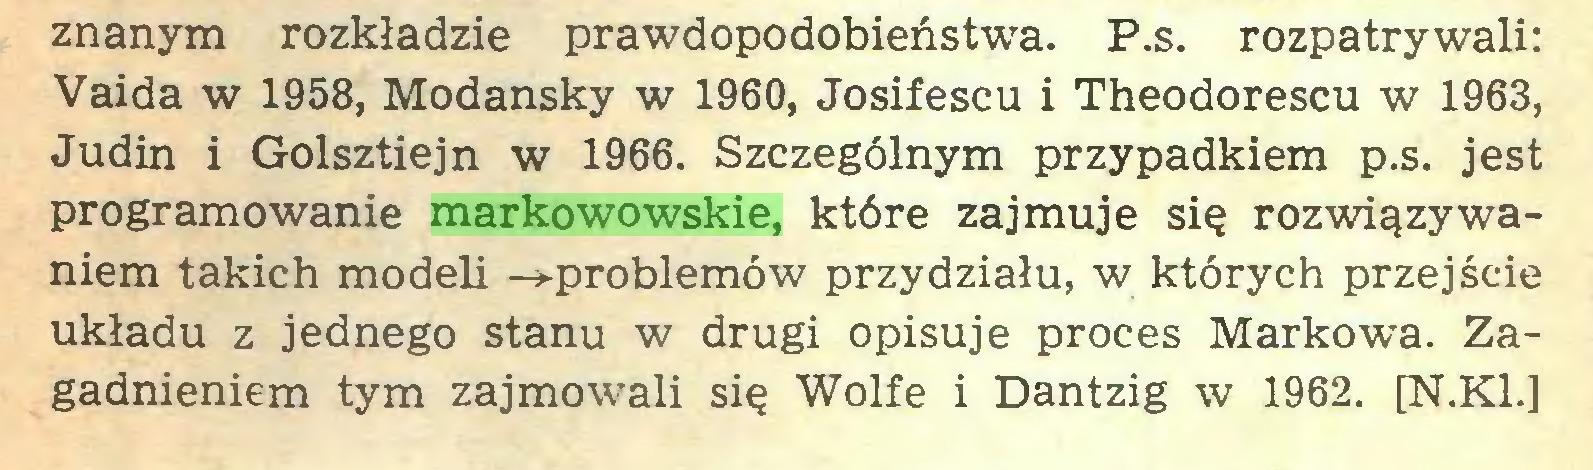 (...) znanym rozkładzie prawdopodobieństwa. P.s. rozpatrywali: Vaida w 1958, Modansky w 1960, Josifescu i Theodorescu w 1963, Judin i Golsztiejn w 1966. Szczególnym przypadkiem p.s. jest programowanie markowowskie, które zajmuje się rozwiązywaniem takich modeli -»-problemów przydziału, w których przejście układu z jednego stanu w drugi opisuje proces Markowa. Zagadnieniem tym zajmowali się Wolfe i Dantzig w 1962. [N.K1.]...